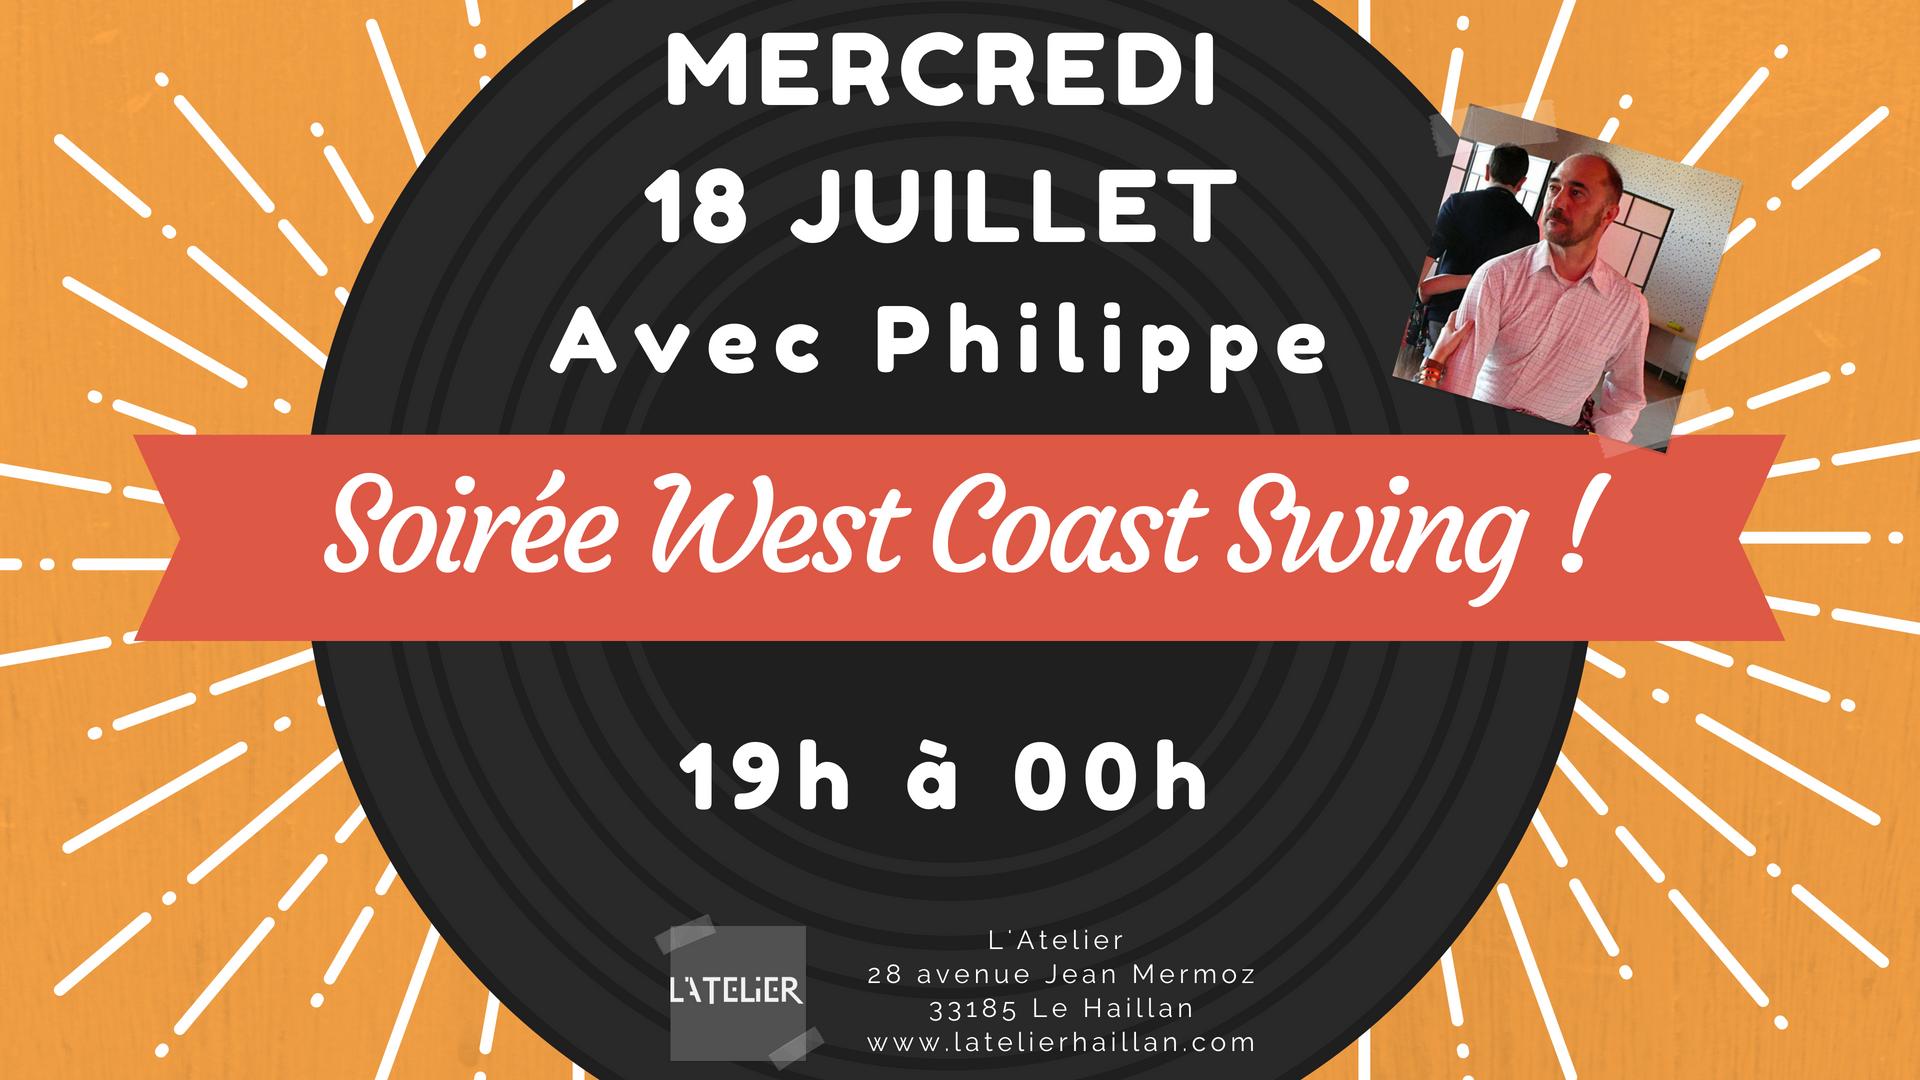 Soirée West Coast Swing avec Philippe